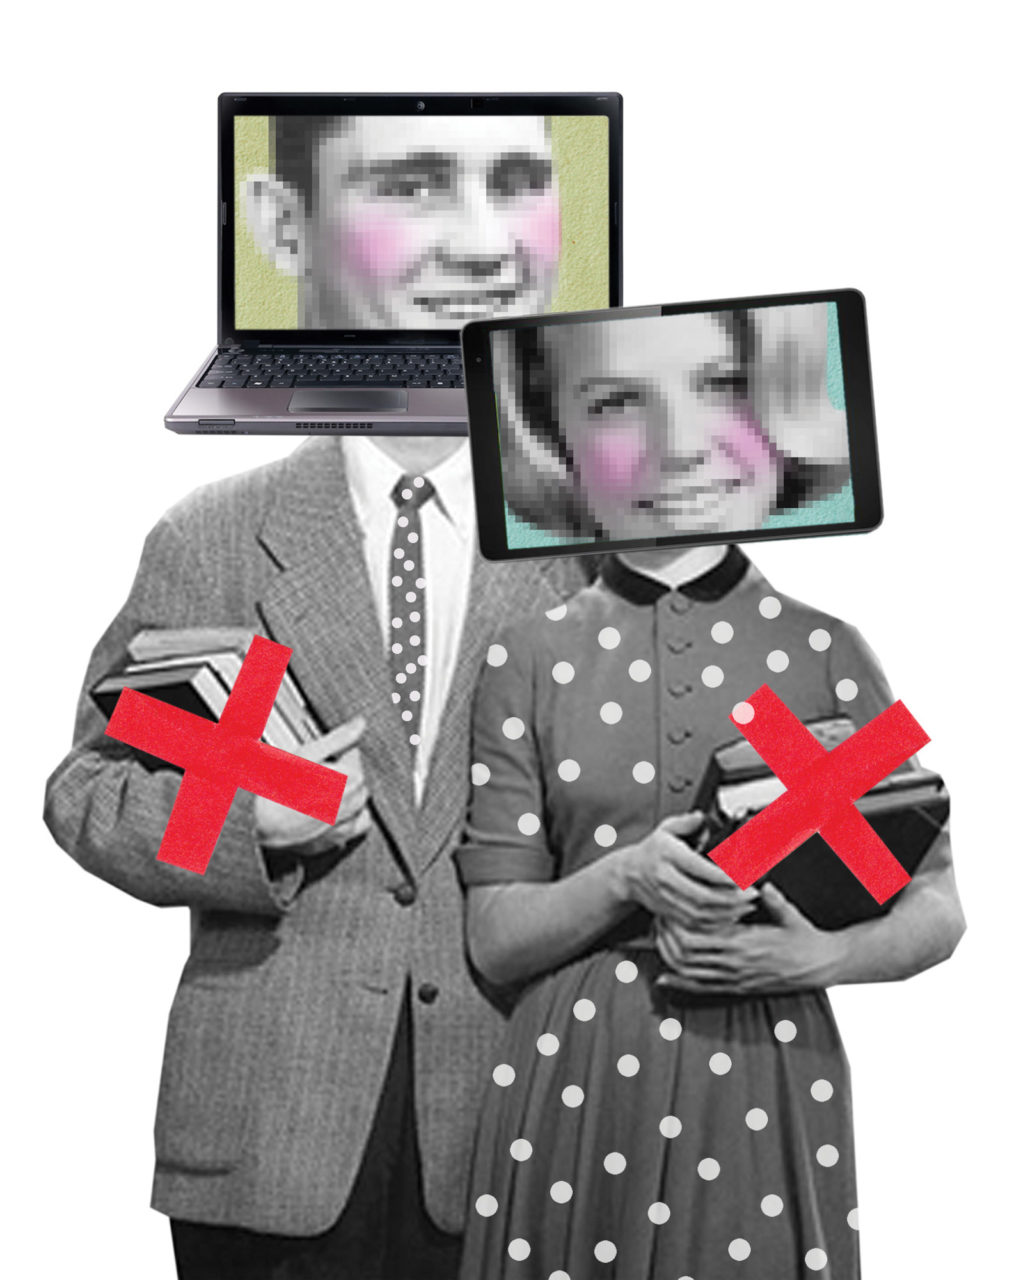 special onderwijs2027 digitalisering